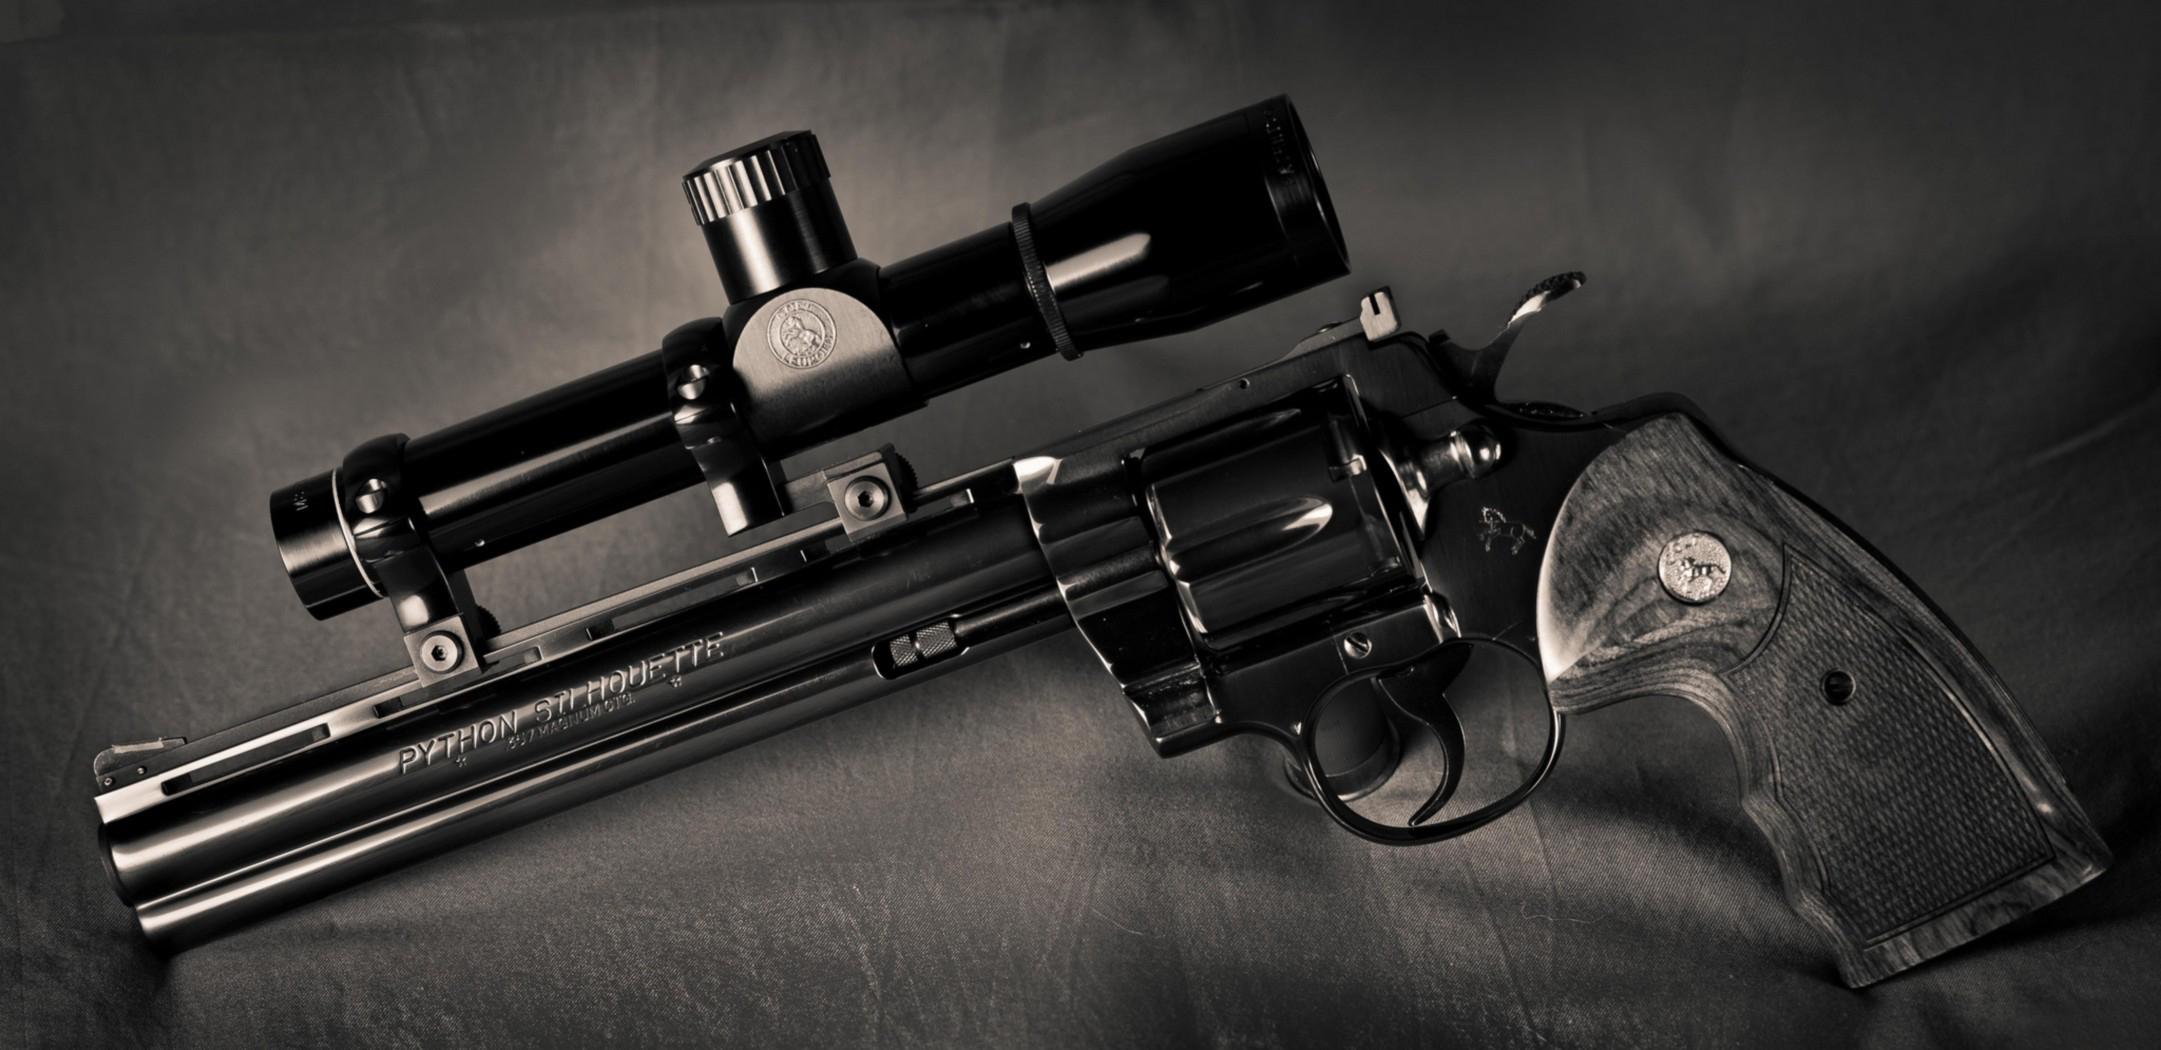 револьвер, прицел, курок